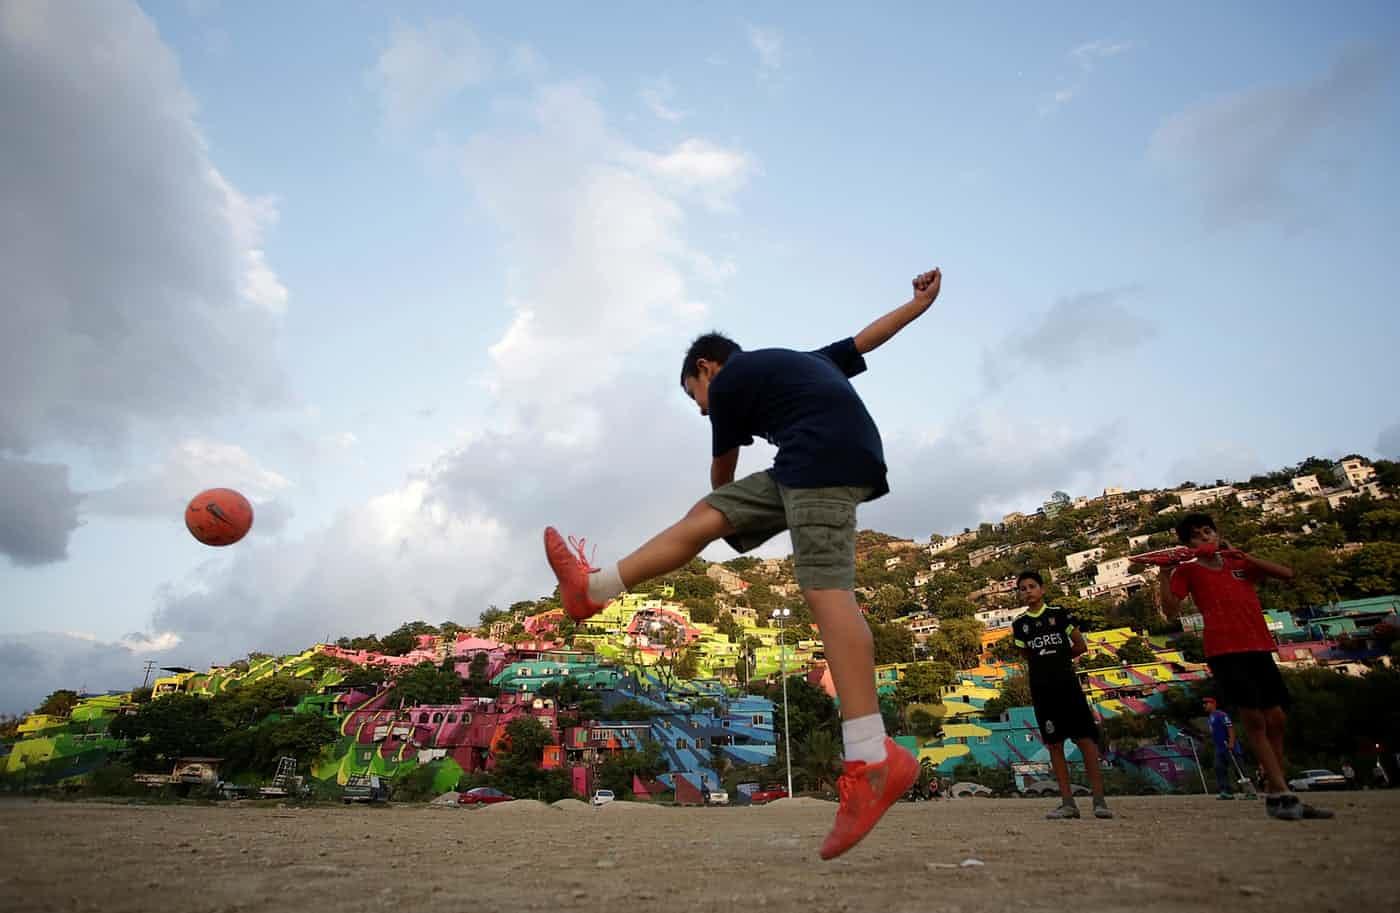 عکس روز: شوت مکزیکی